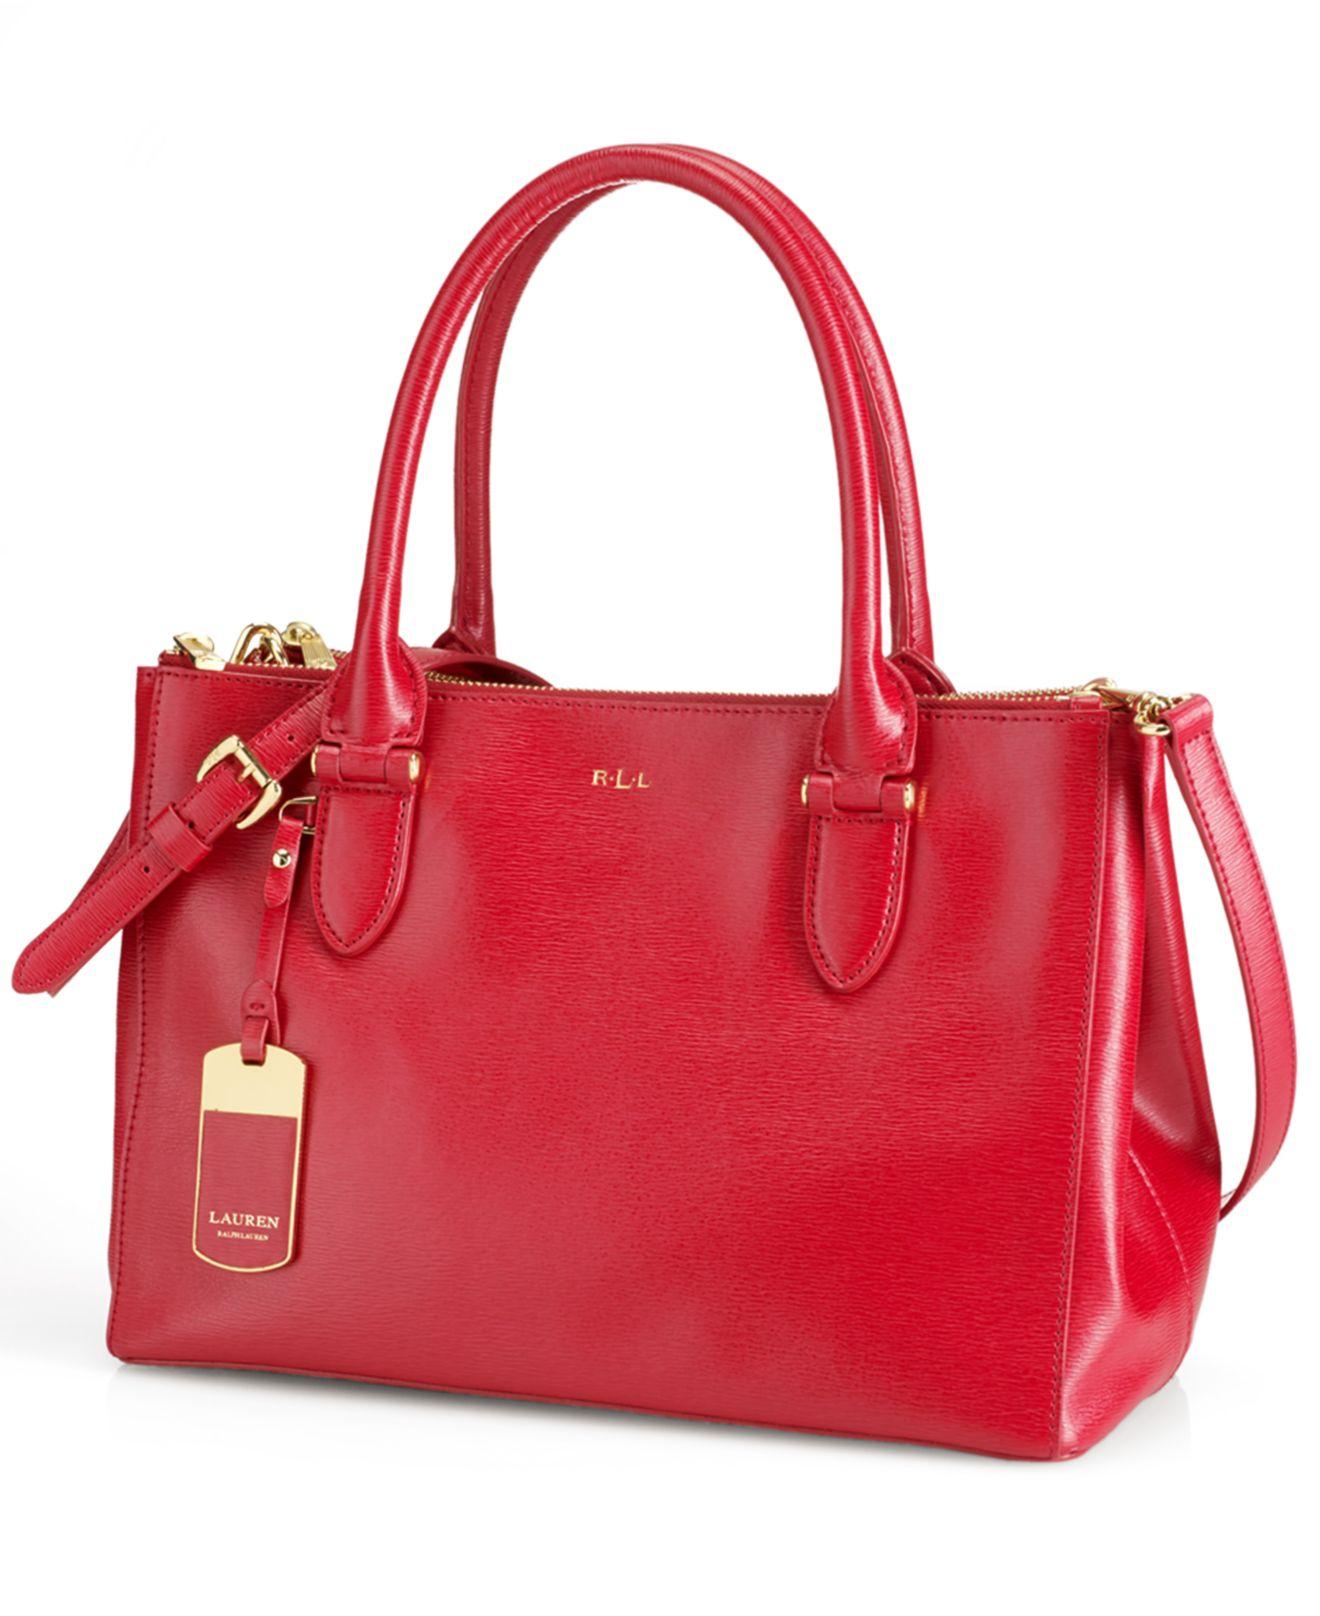 0259dc2e4a4 Lyst - Lauren By Ralph Lauren Newbury Double Zip Shopper in Red